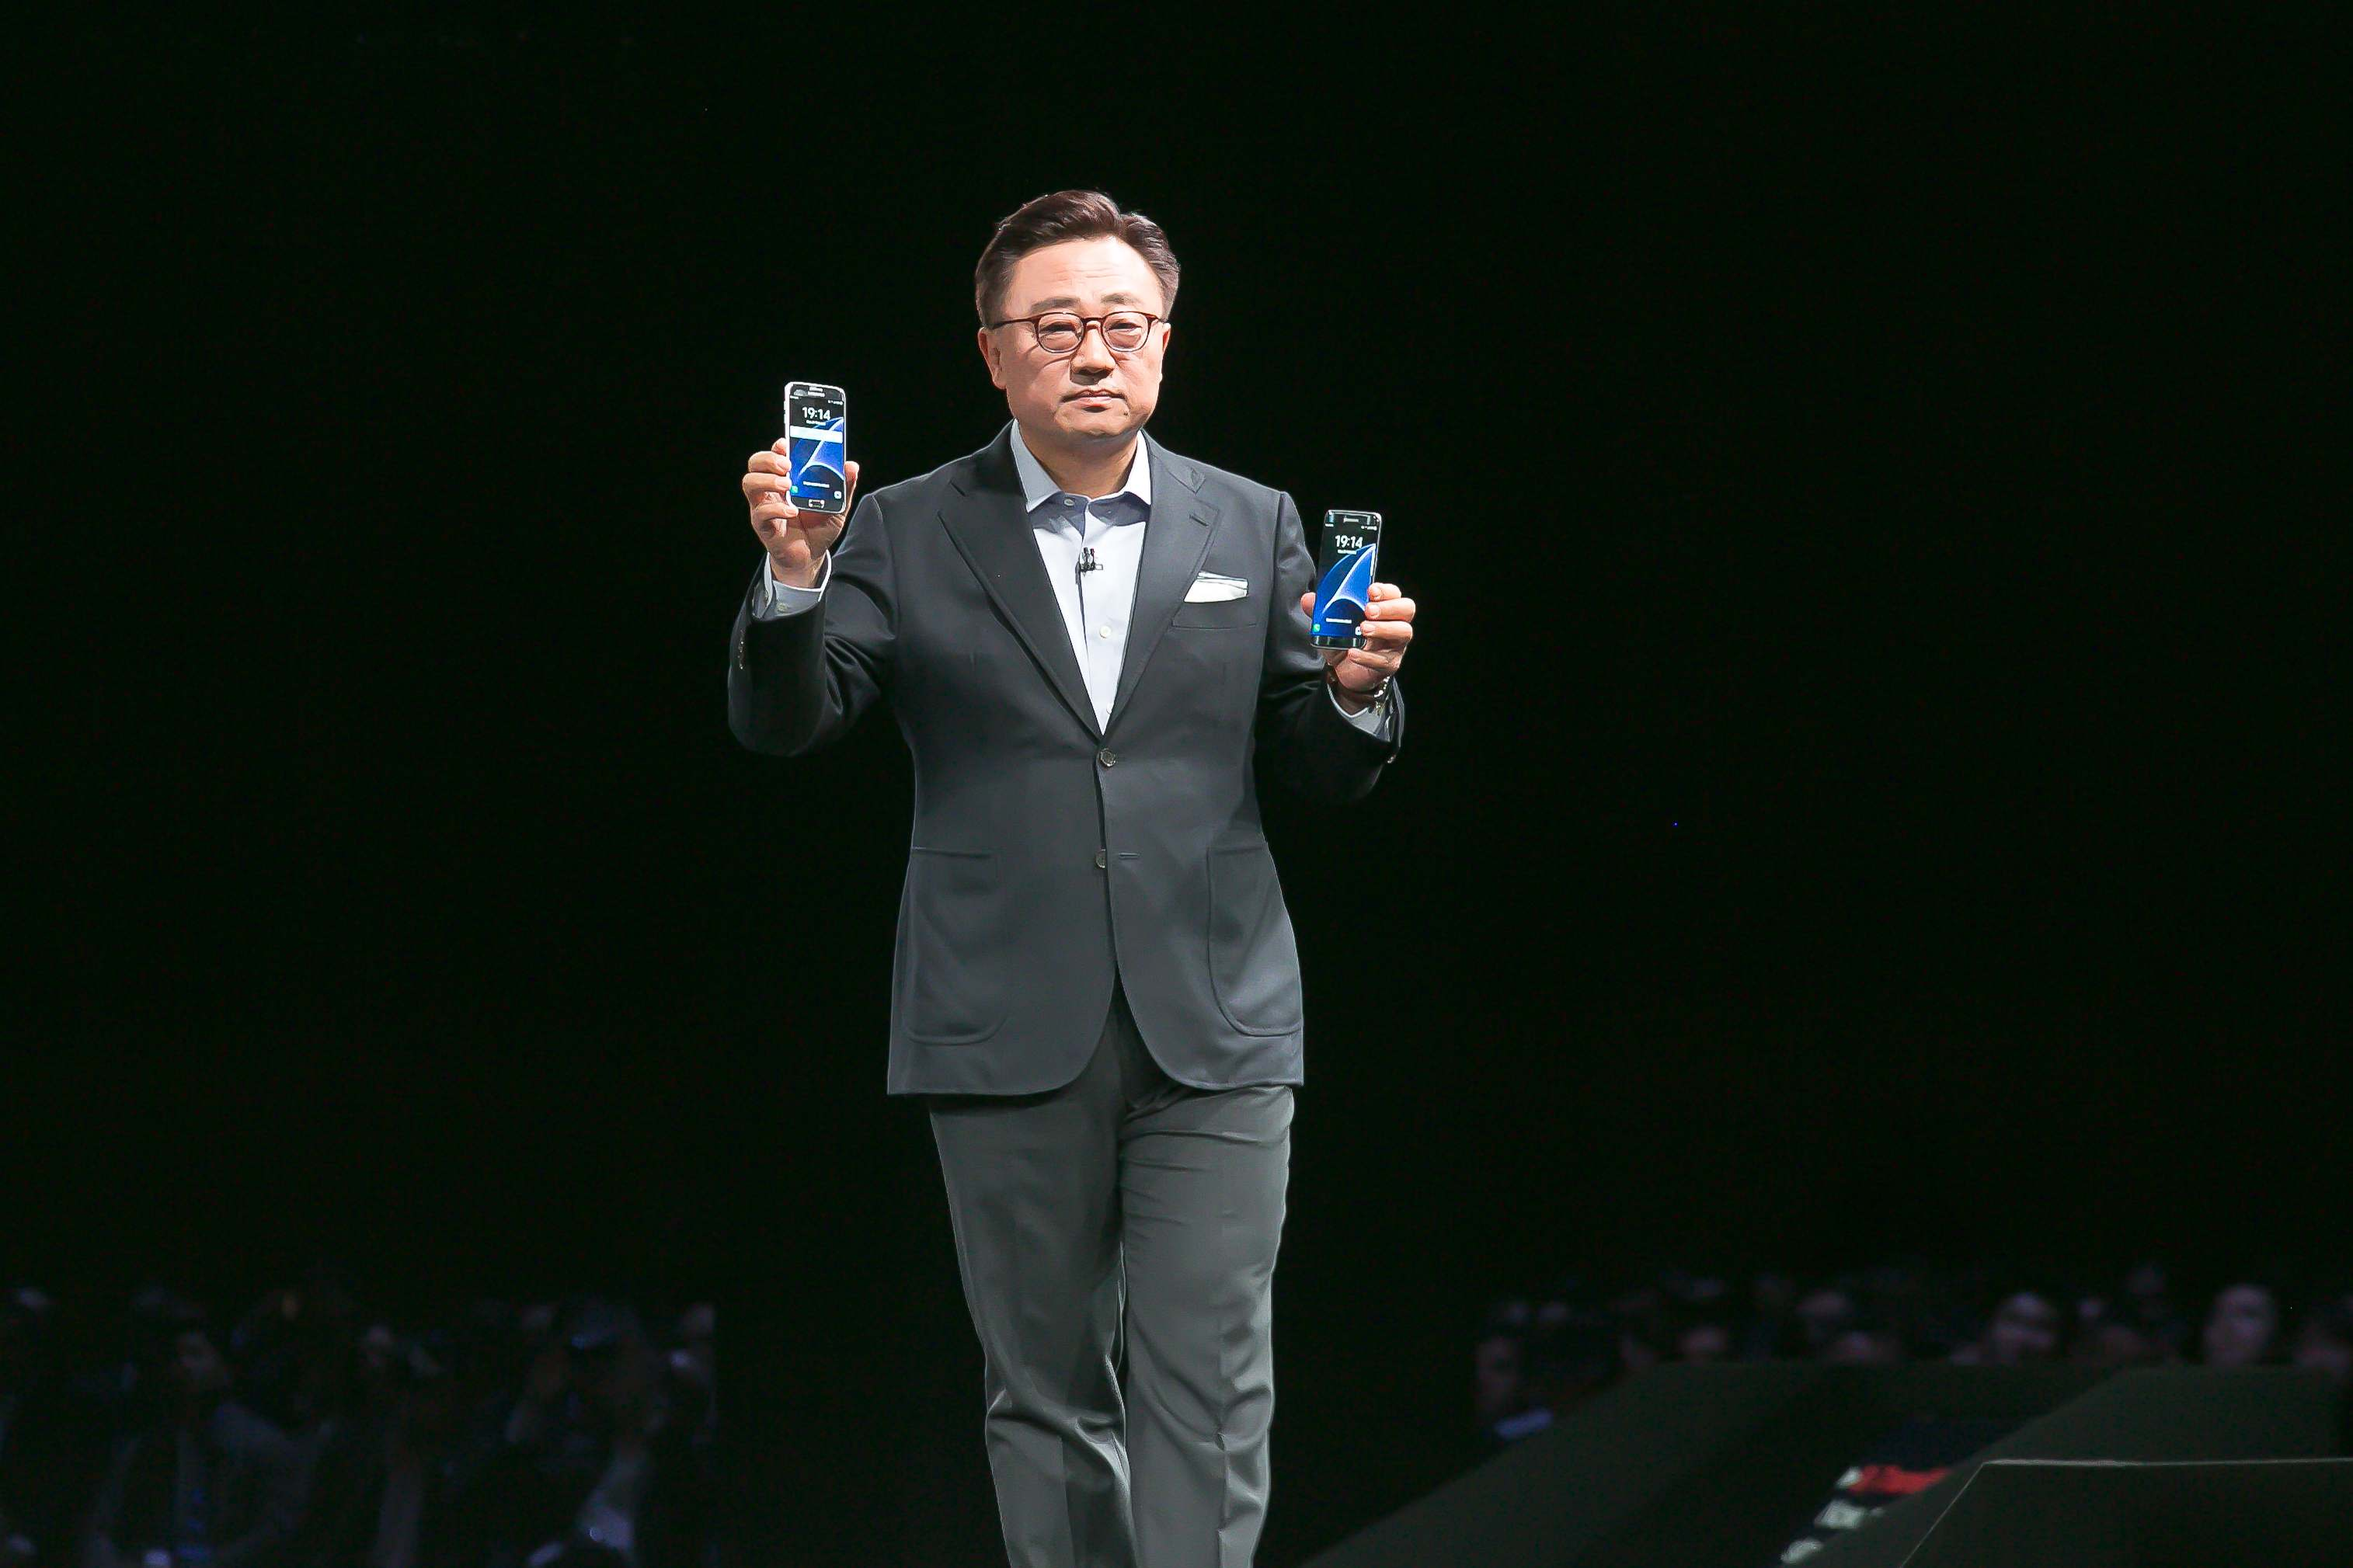 Prezident Samsungu DJ Koh práve predstavuje nové vlajkové lode – Galaxy S7 edge a Galaxy S7